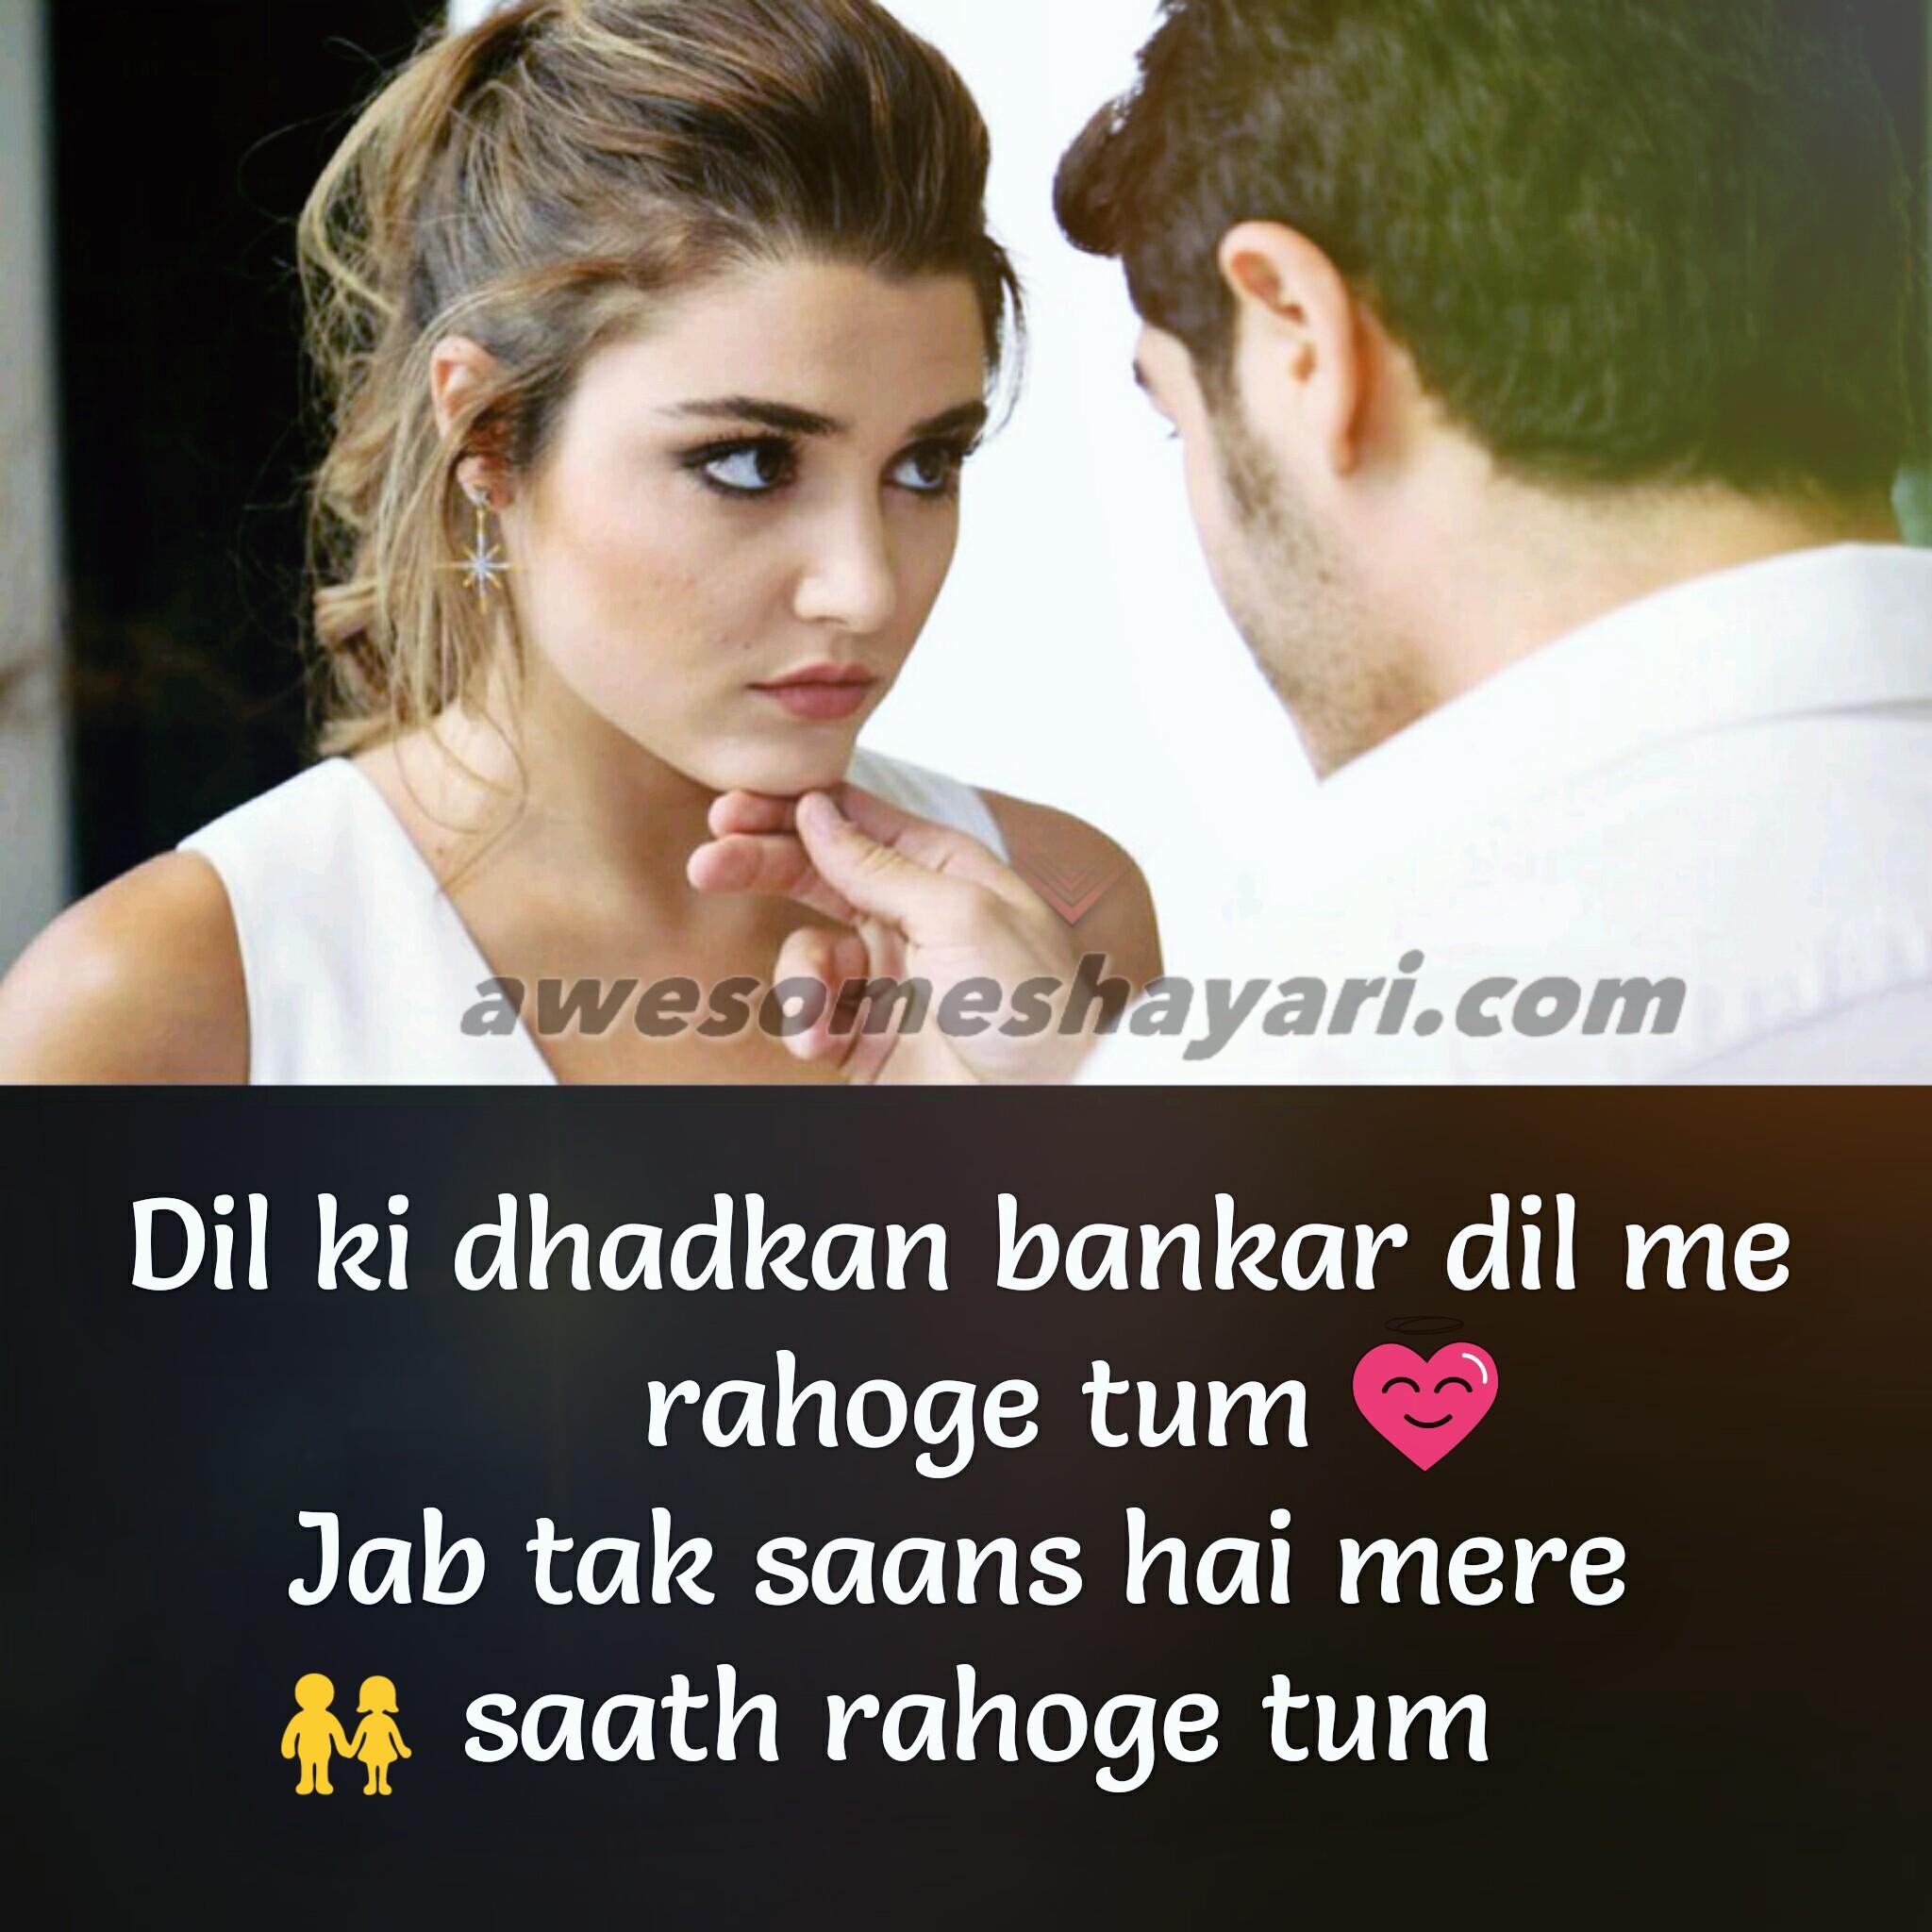 True love shayari images for whatsapp status